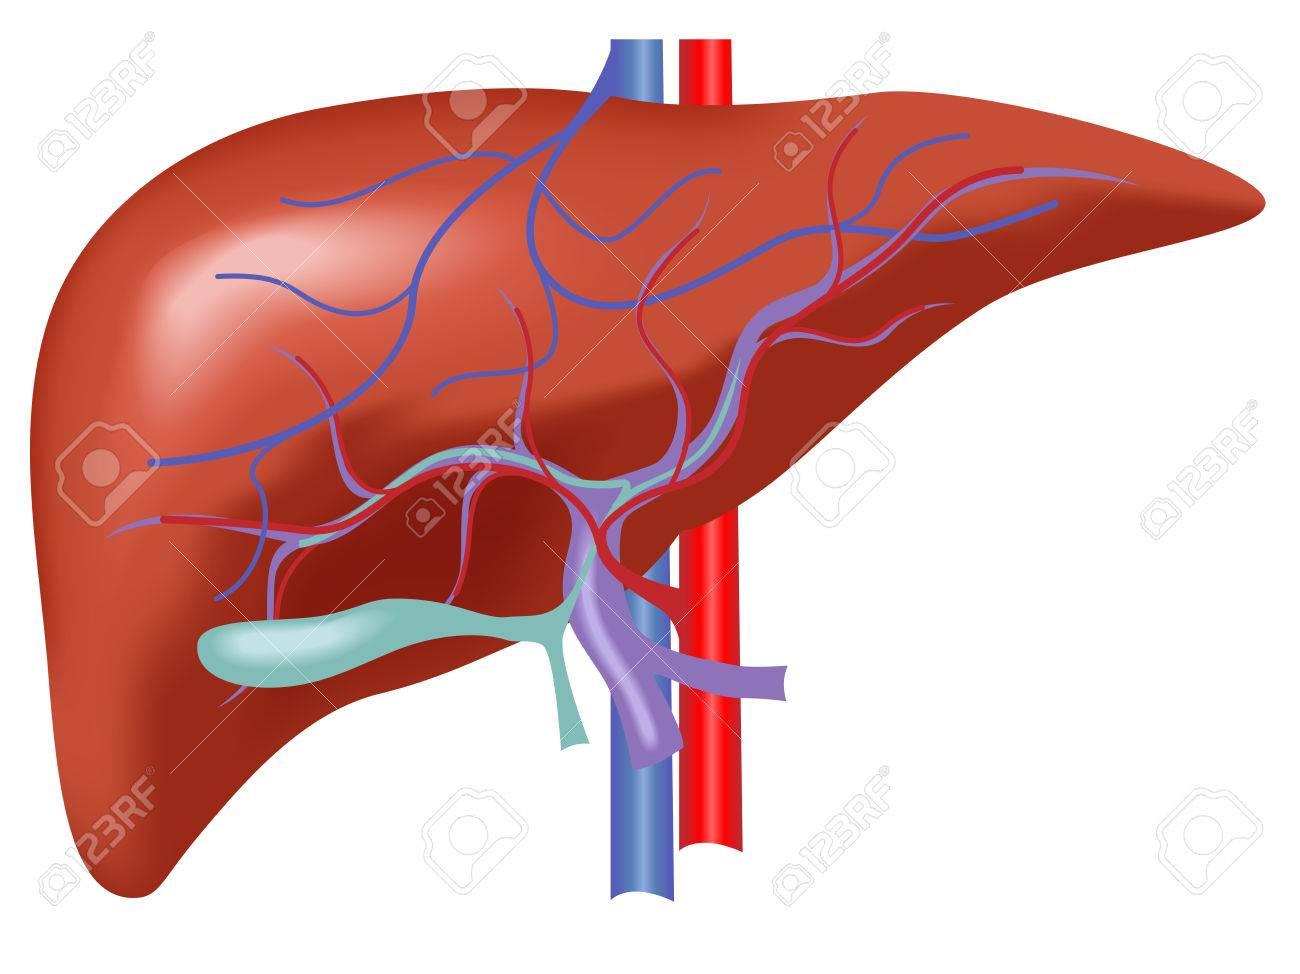 Anatomía De Hígado Humano, Vector De Hígado Con Sangre Arteria Y La ...